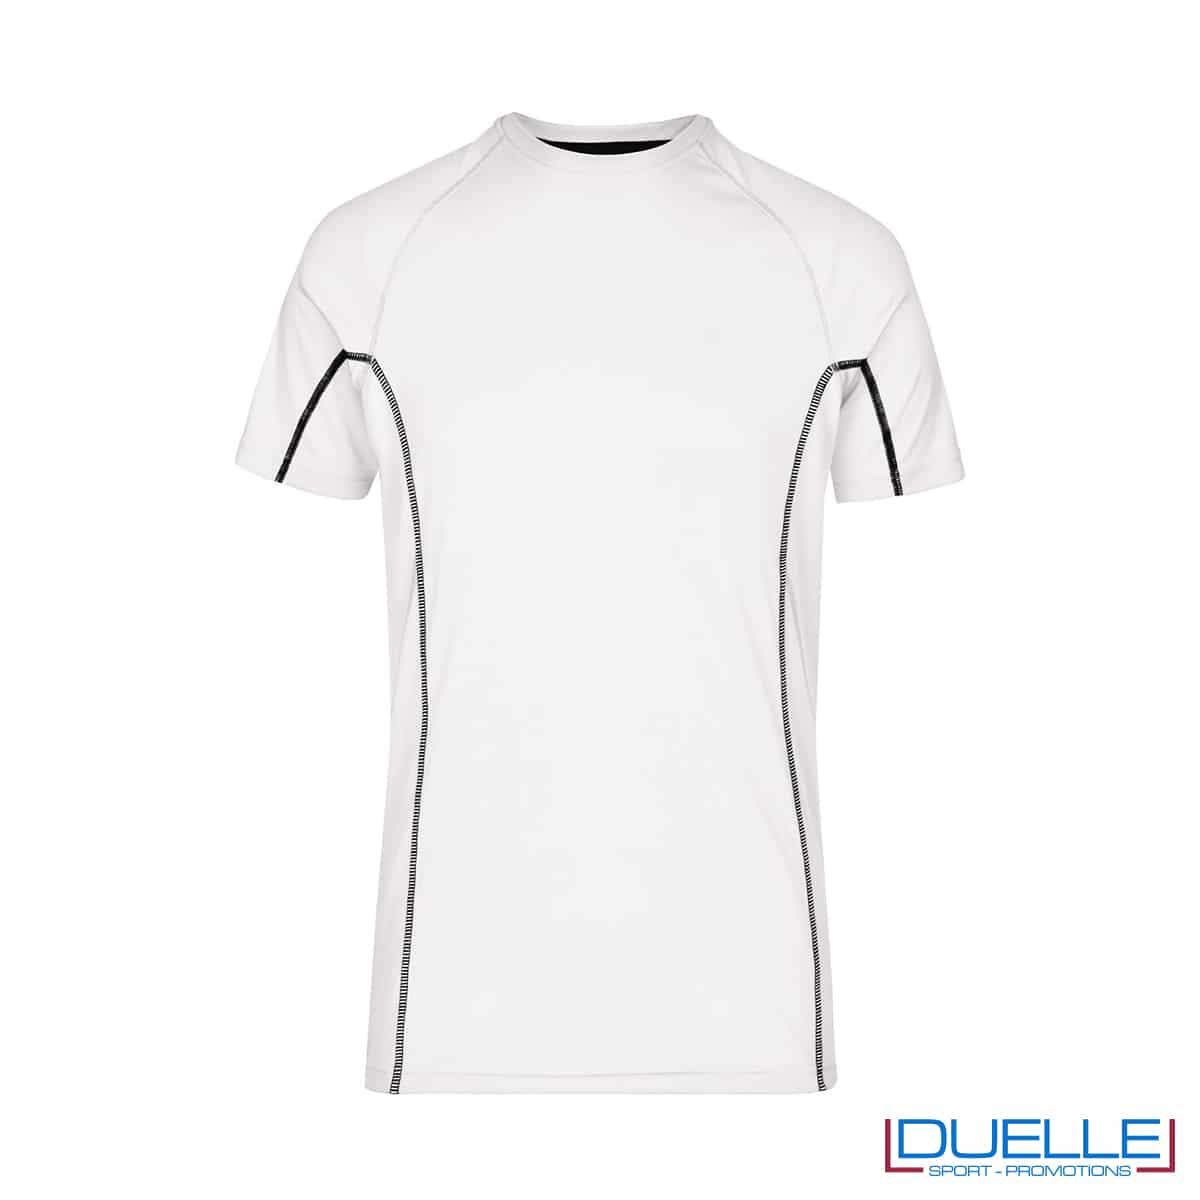 Maglia running Coolmax uomo colore bianco/nero personalizzata